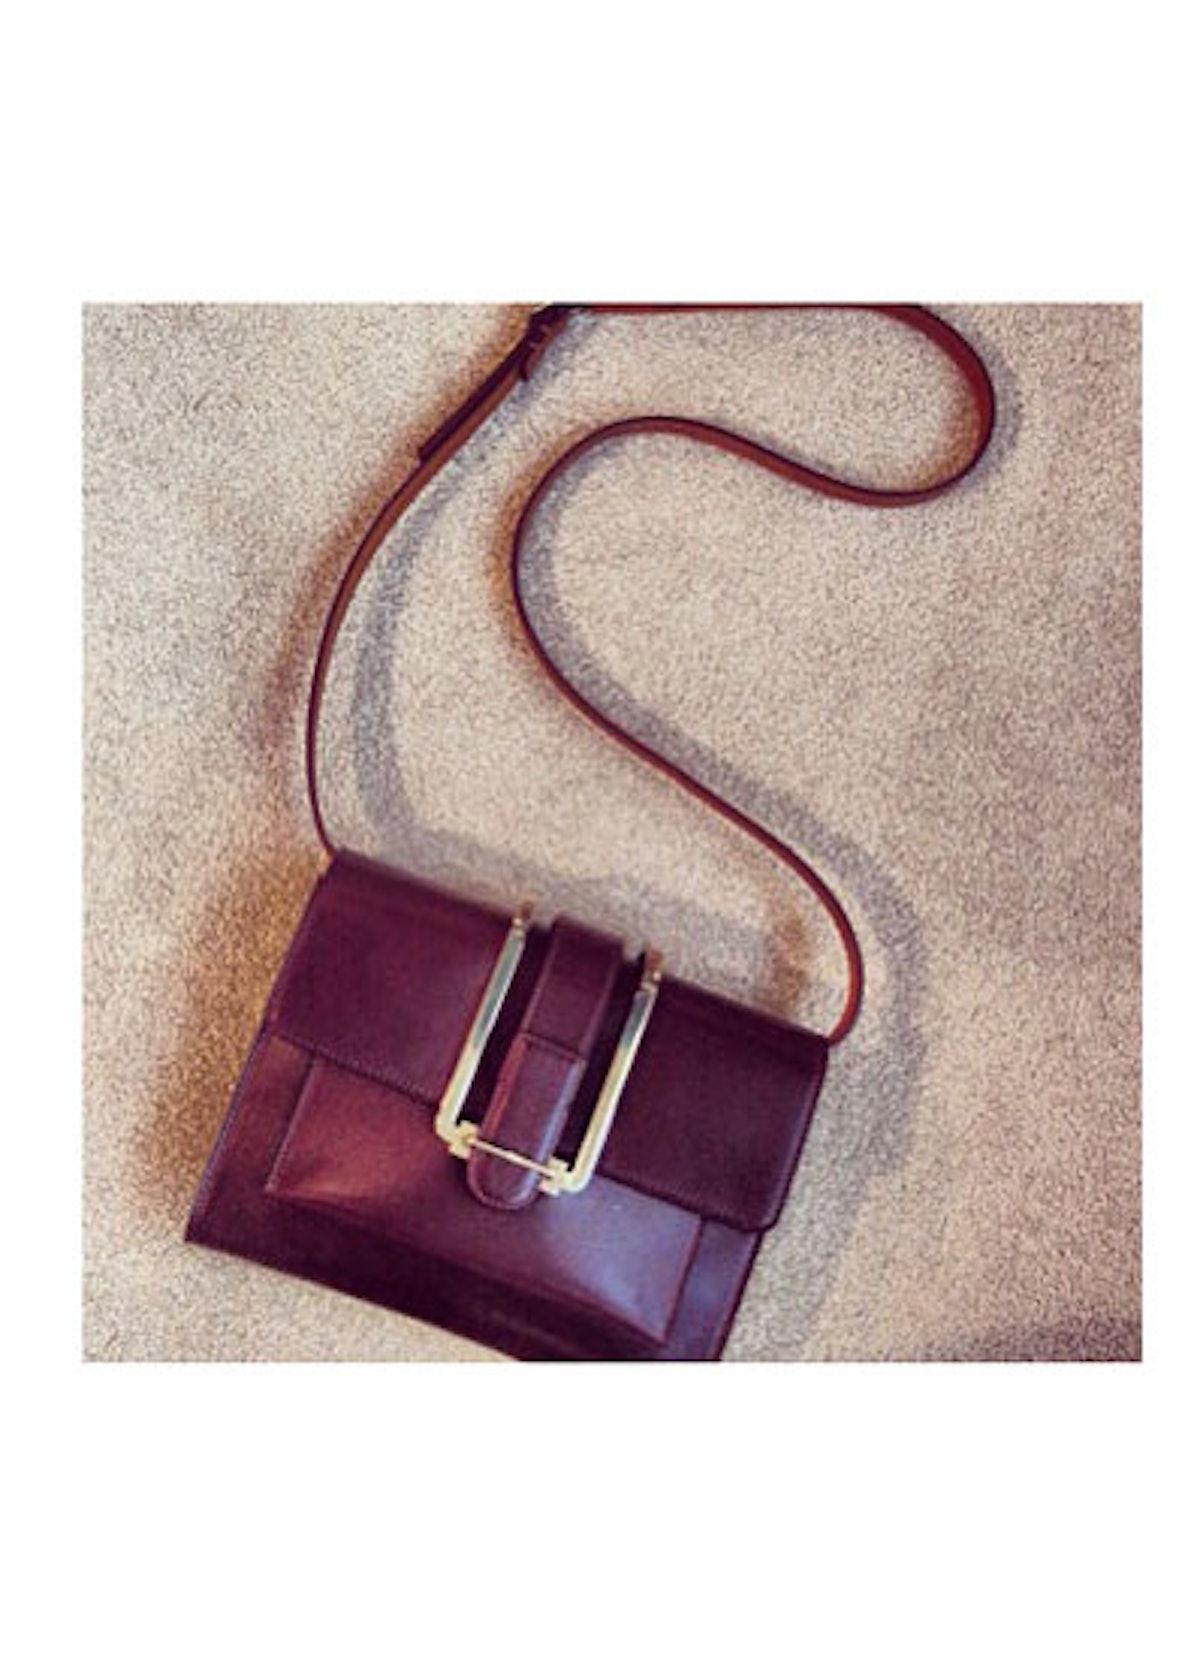 acss-best-bags-fall-2013-06-v.jpg